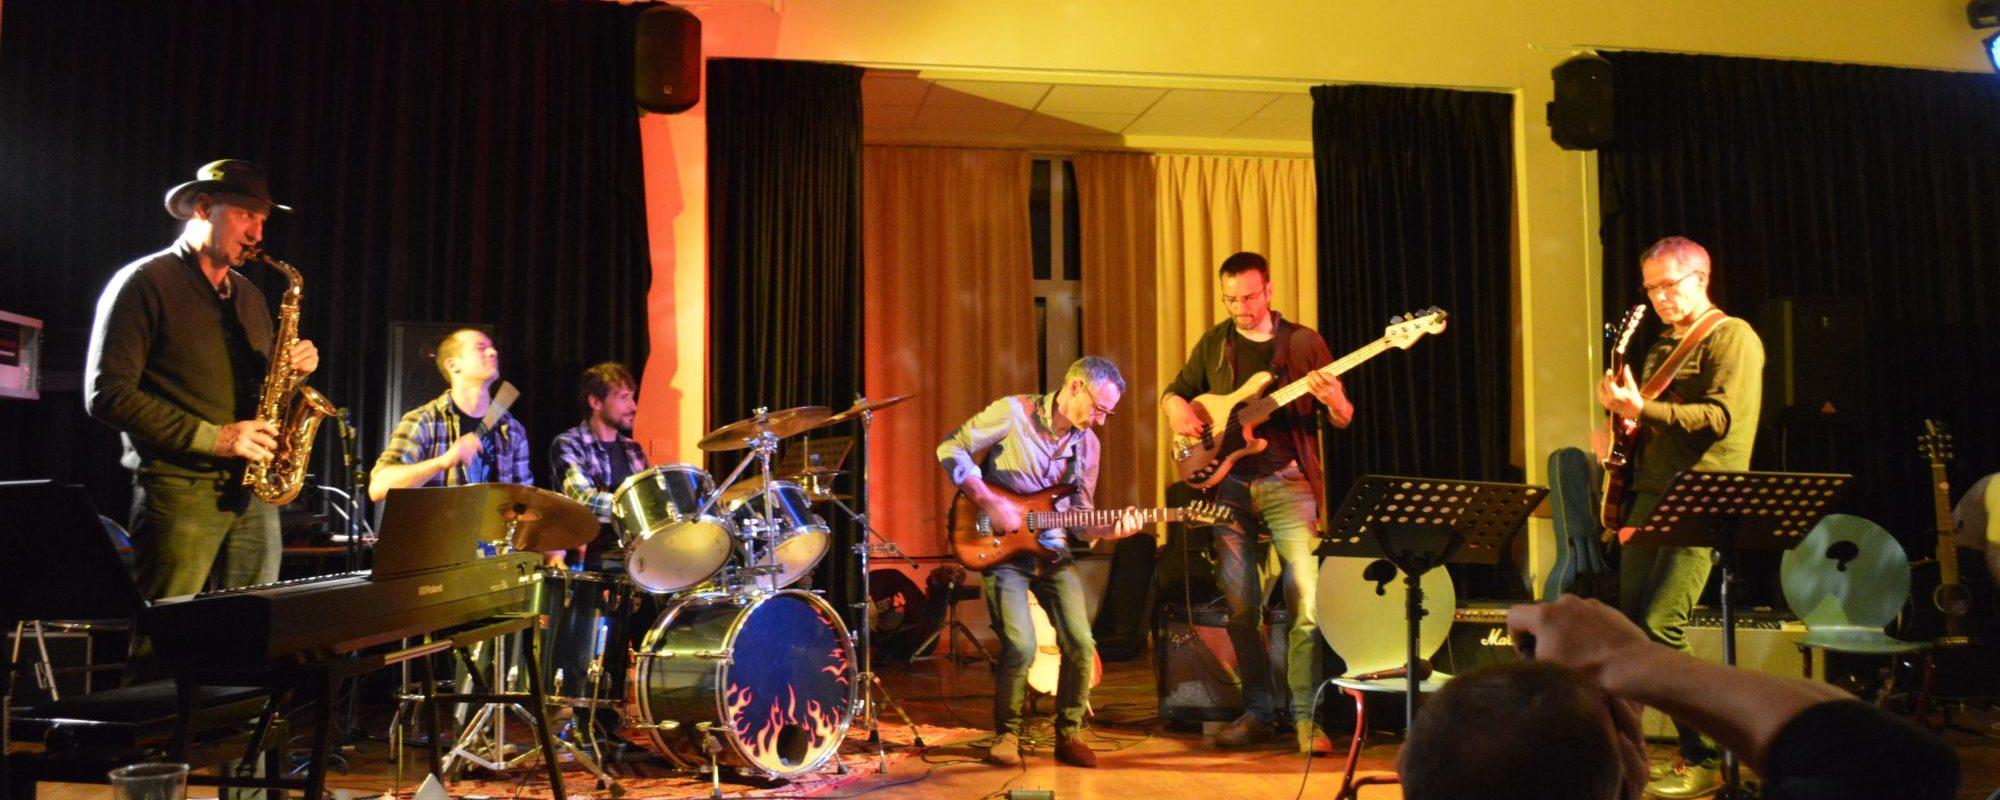 Ateliers de musique et concerts à Plougoumelen